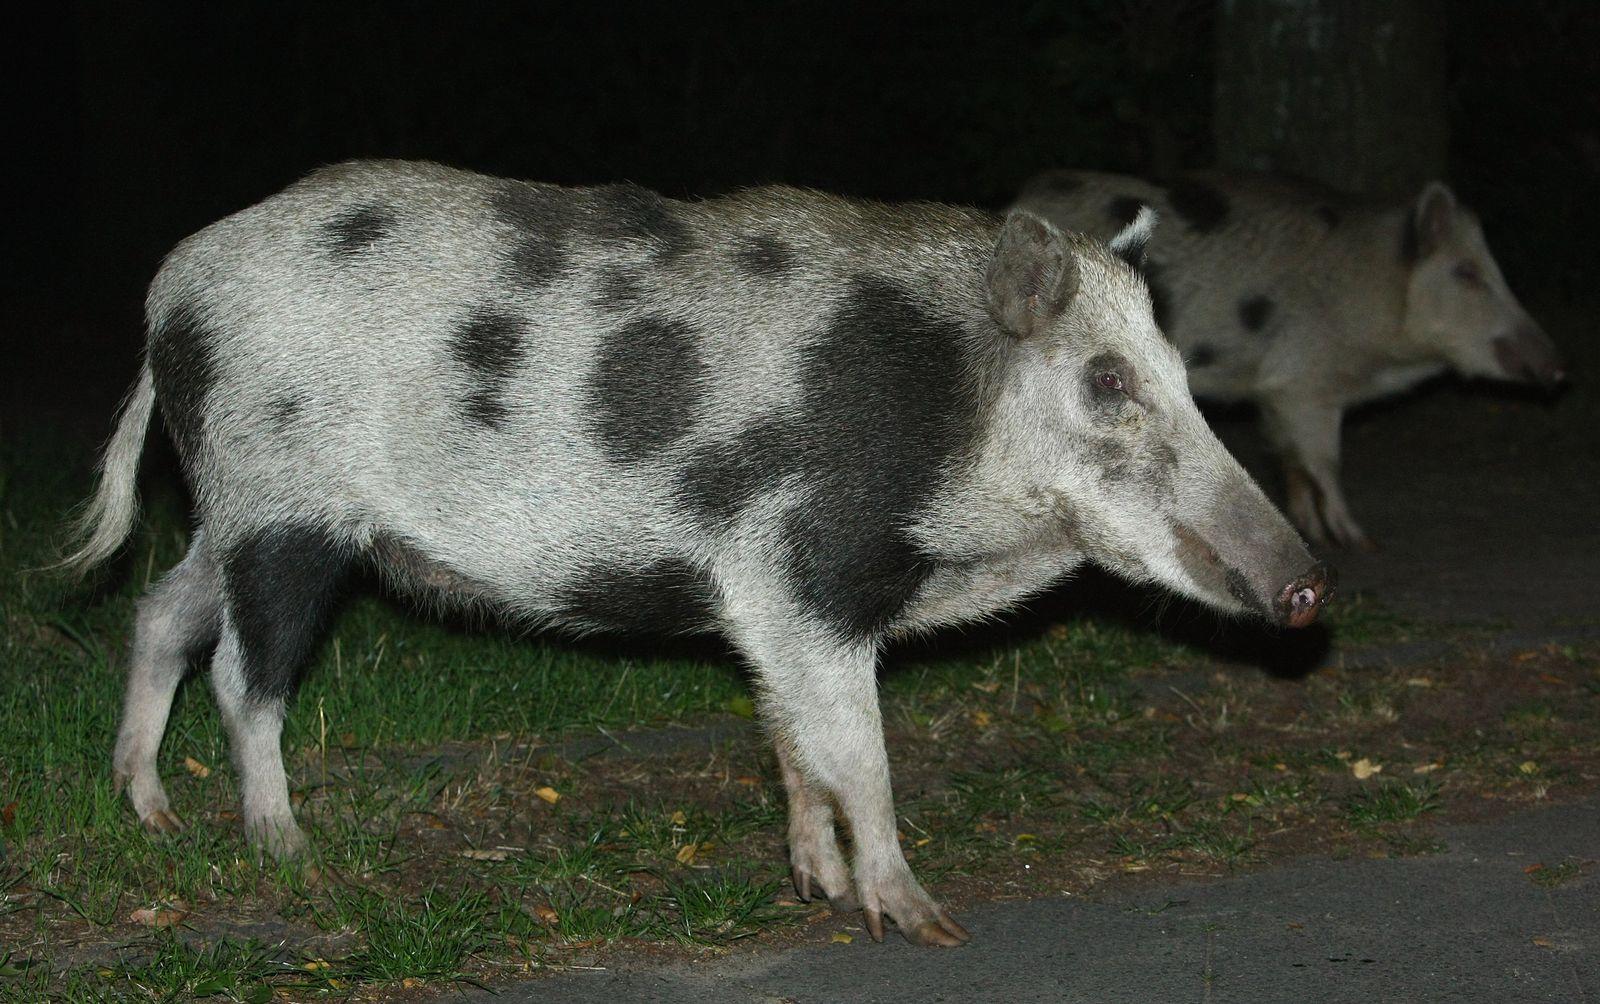 82469810SG003_WILD_PIGS_A_G